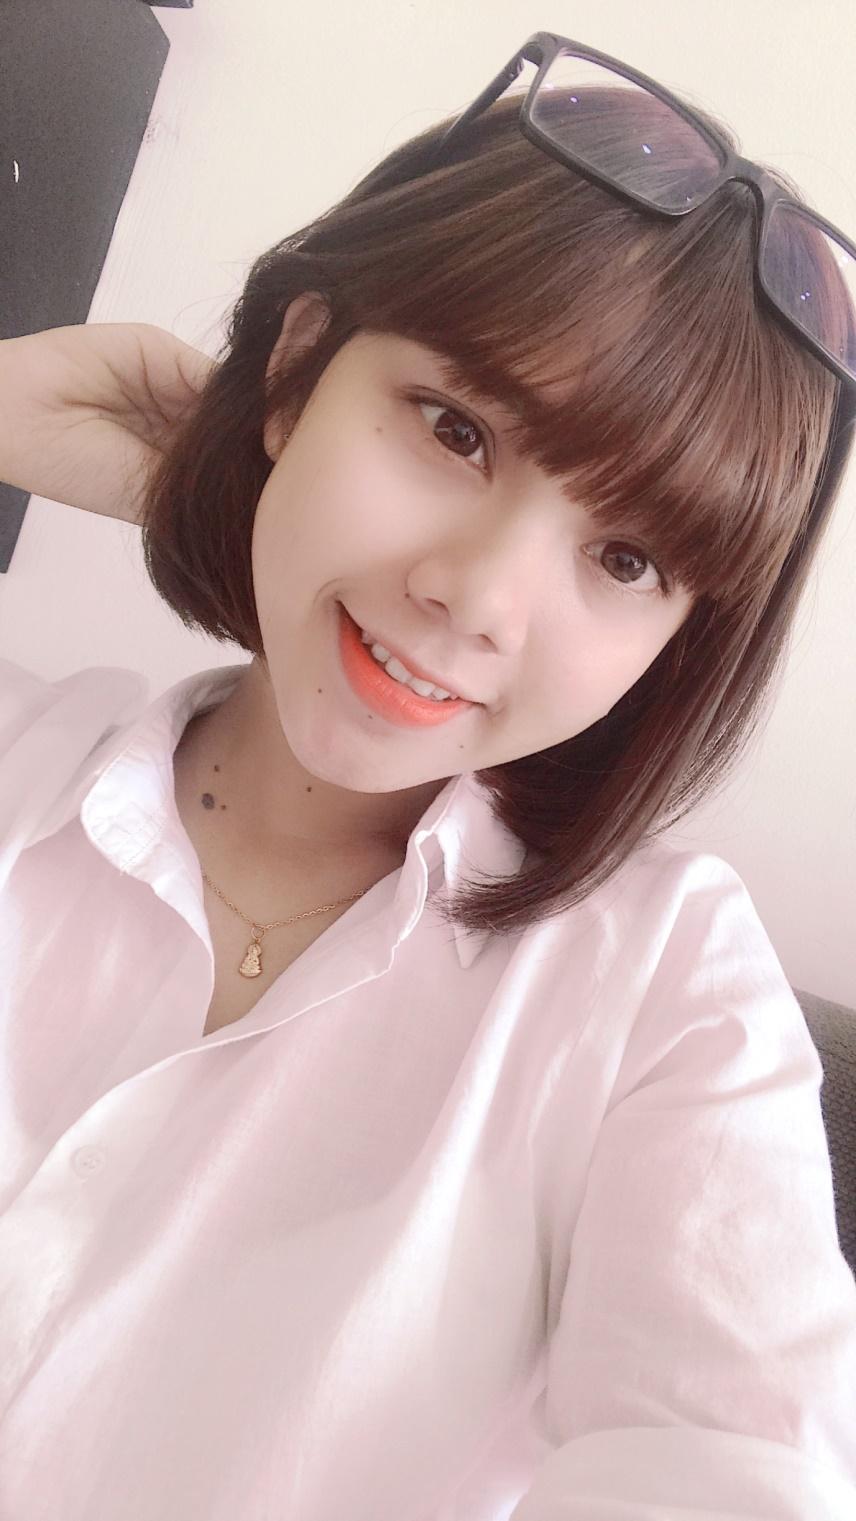 Phiên bản Việt của AKB48 hé lộ những thí sinh tiềm năng cho top 350 - Ảnh 4.